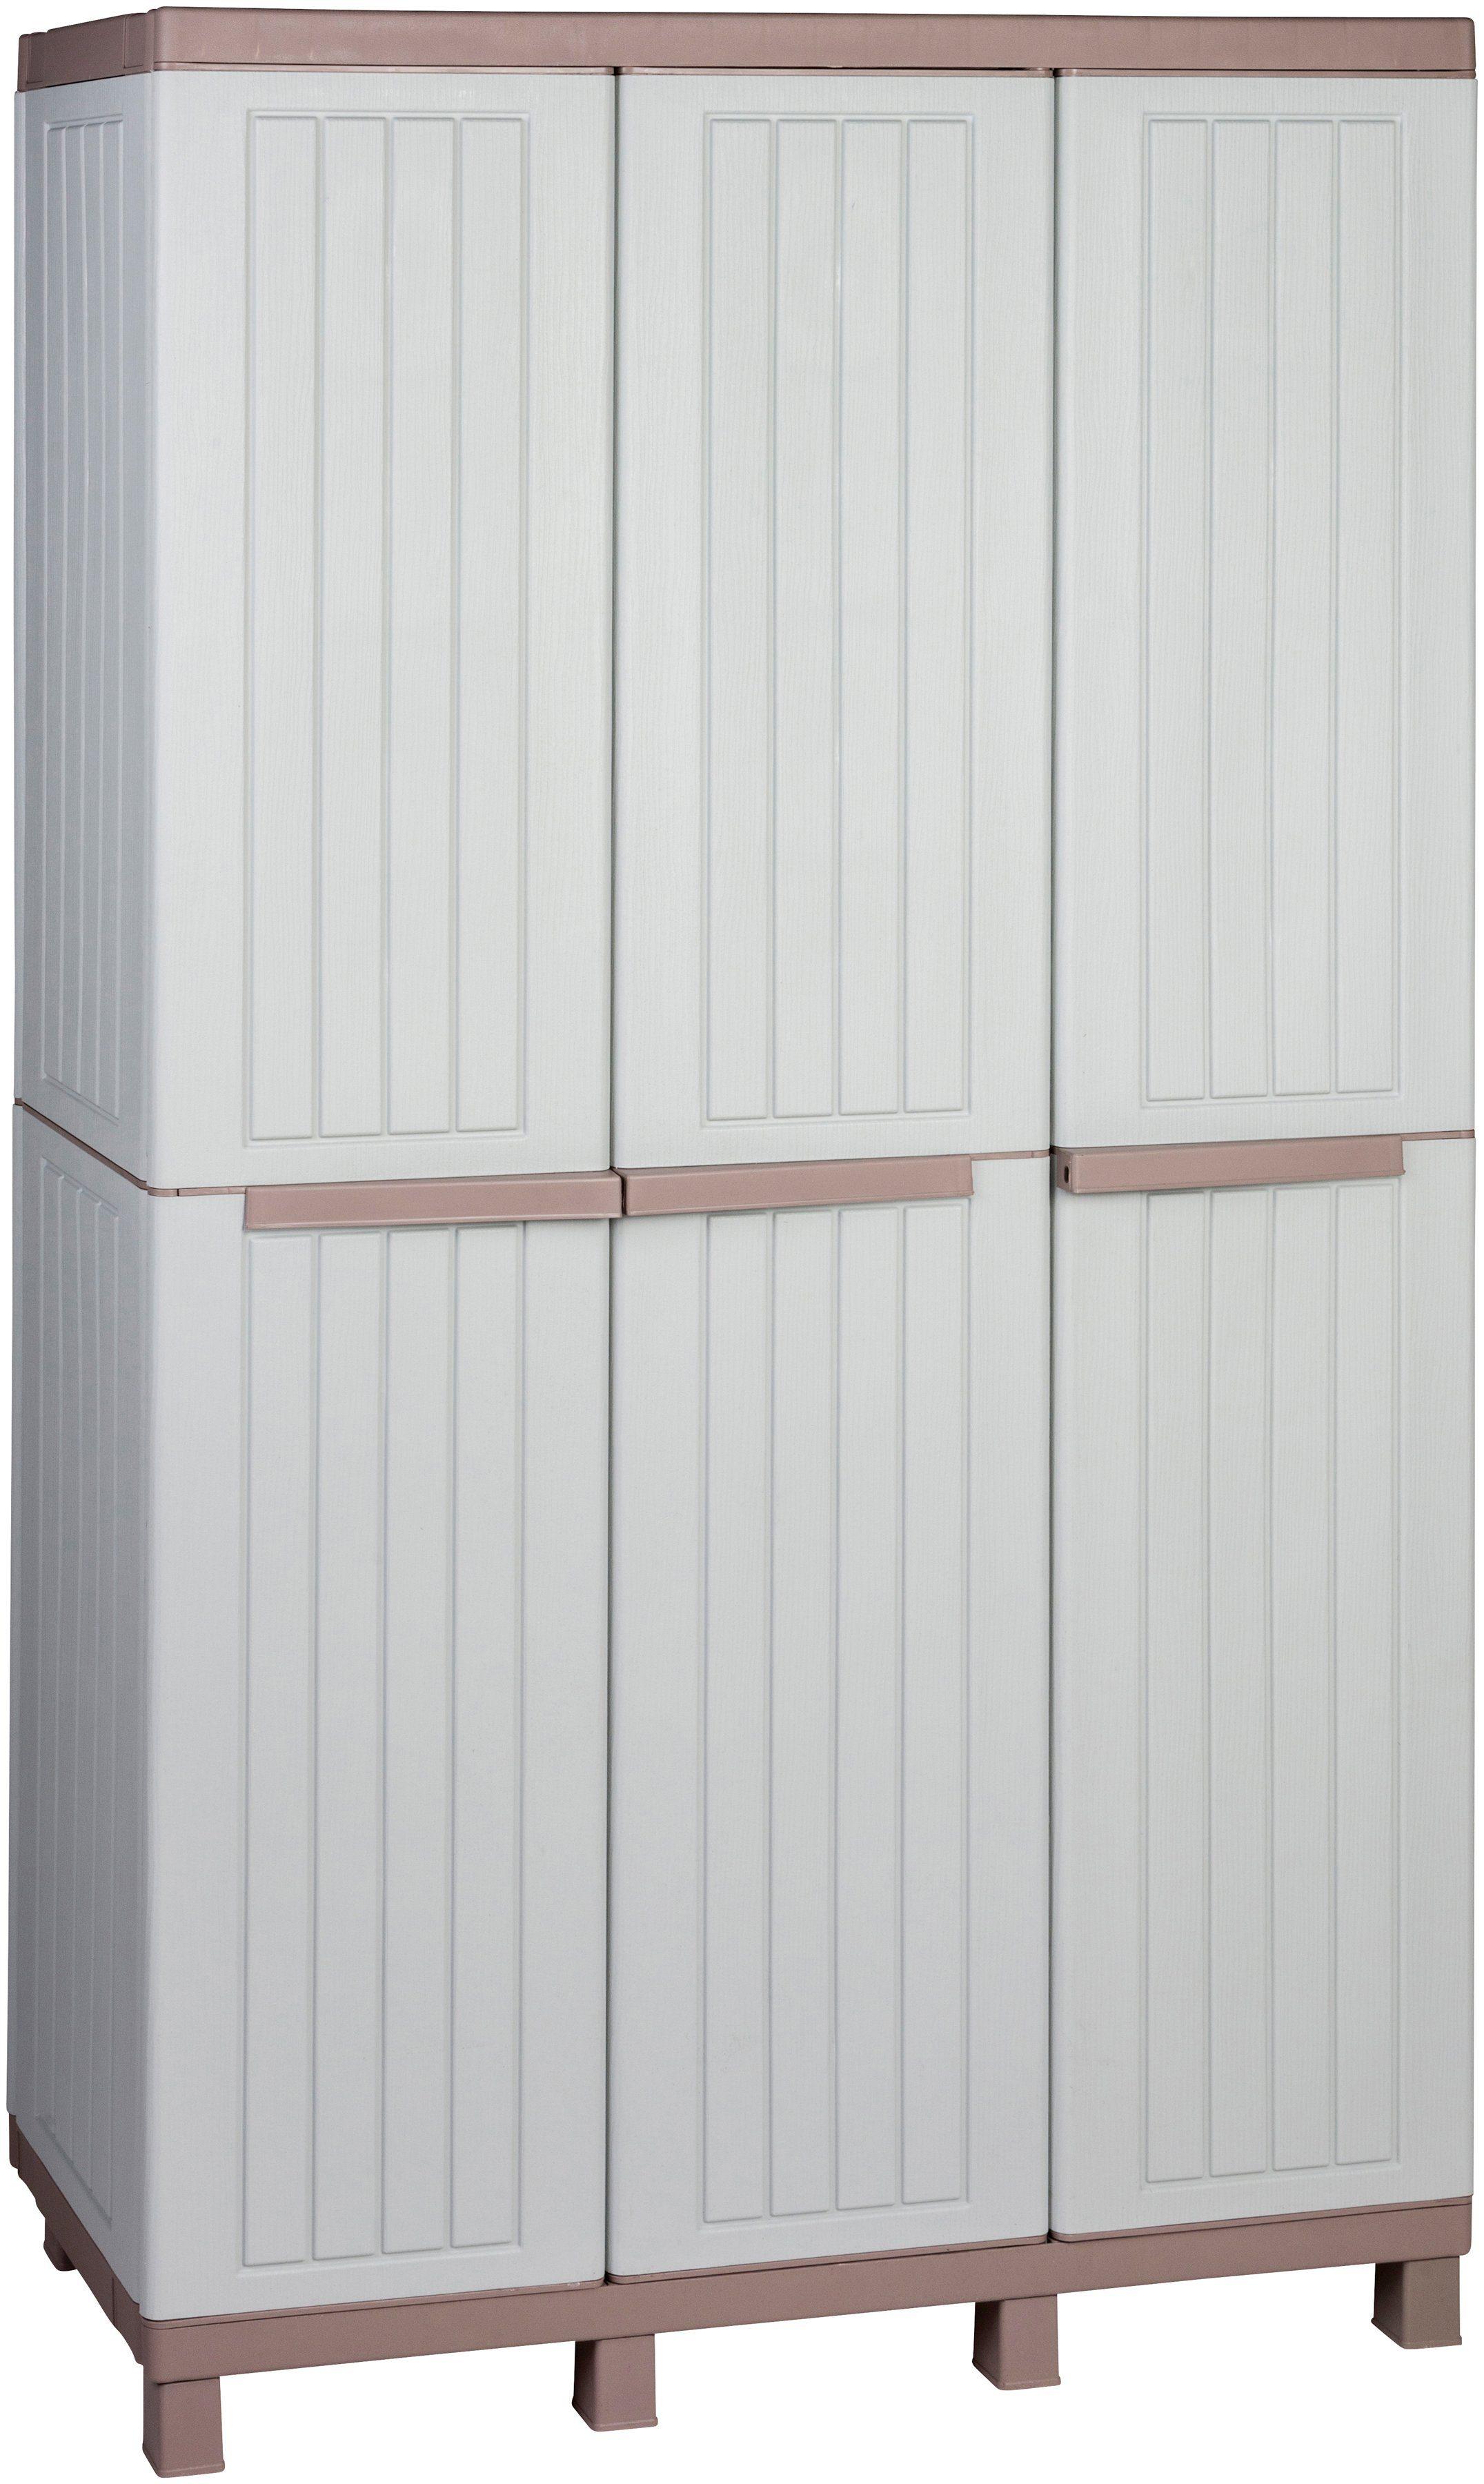 Multifunktionsschrank »Holz-ähnliche Struktur«, mit 3 Türen